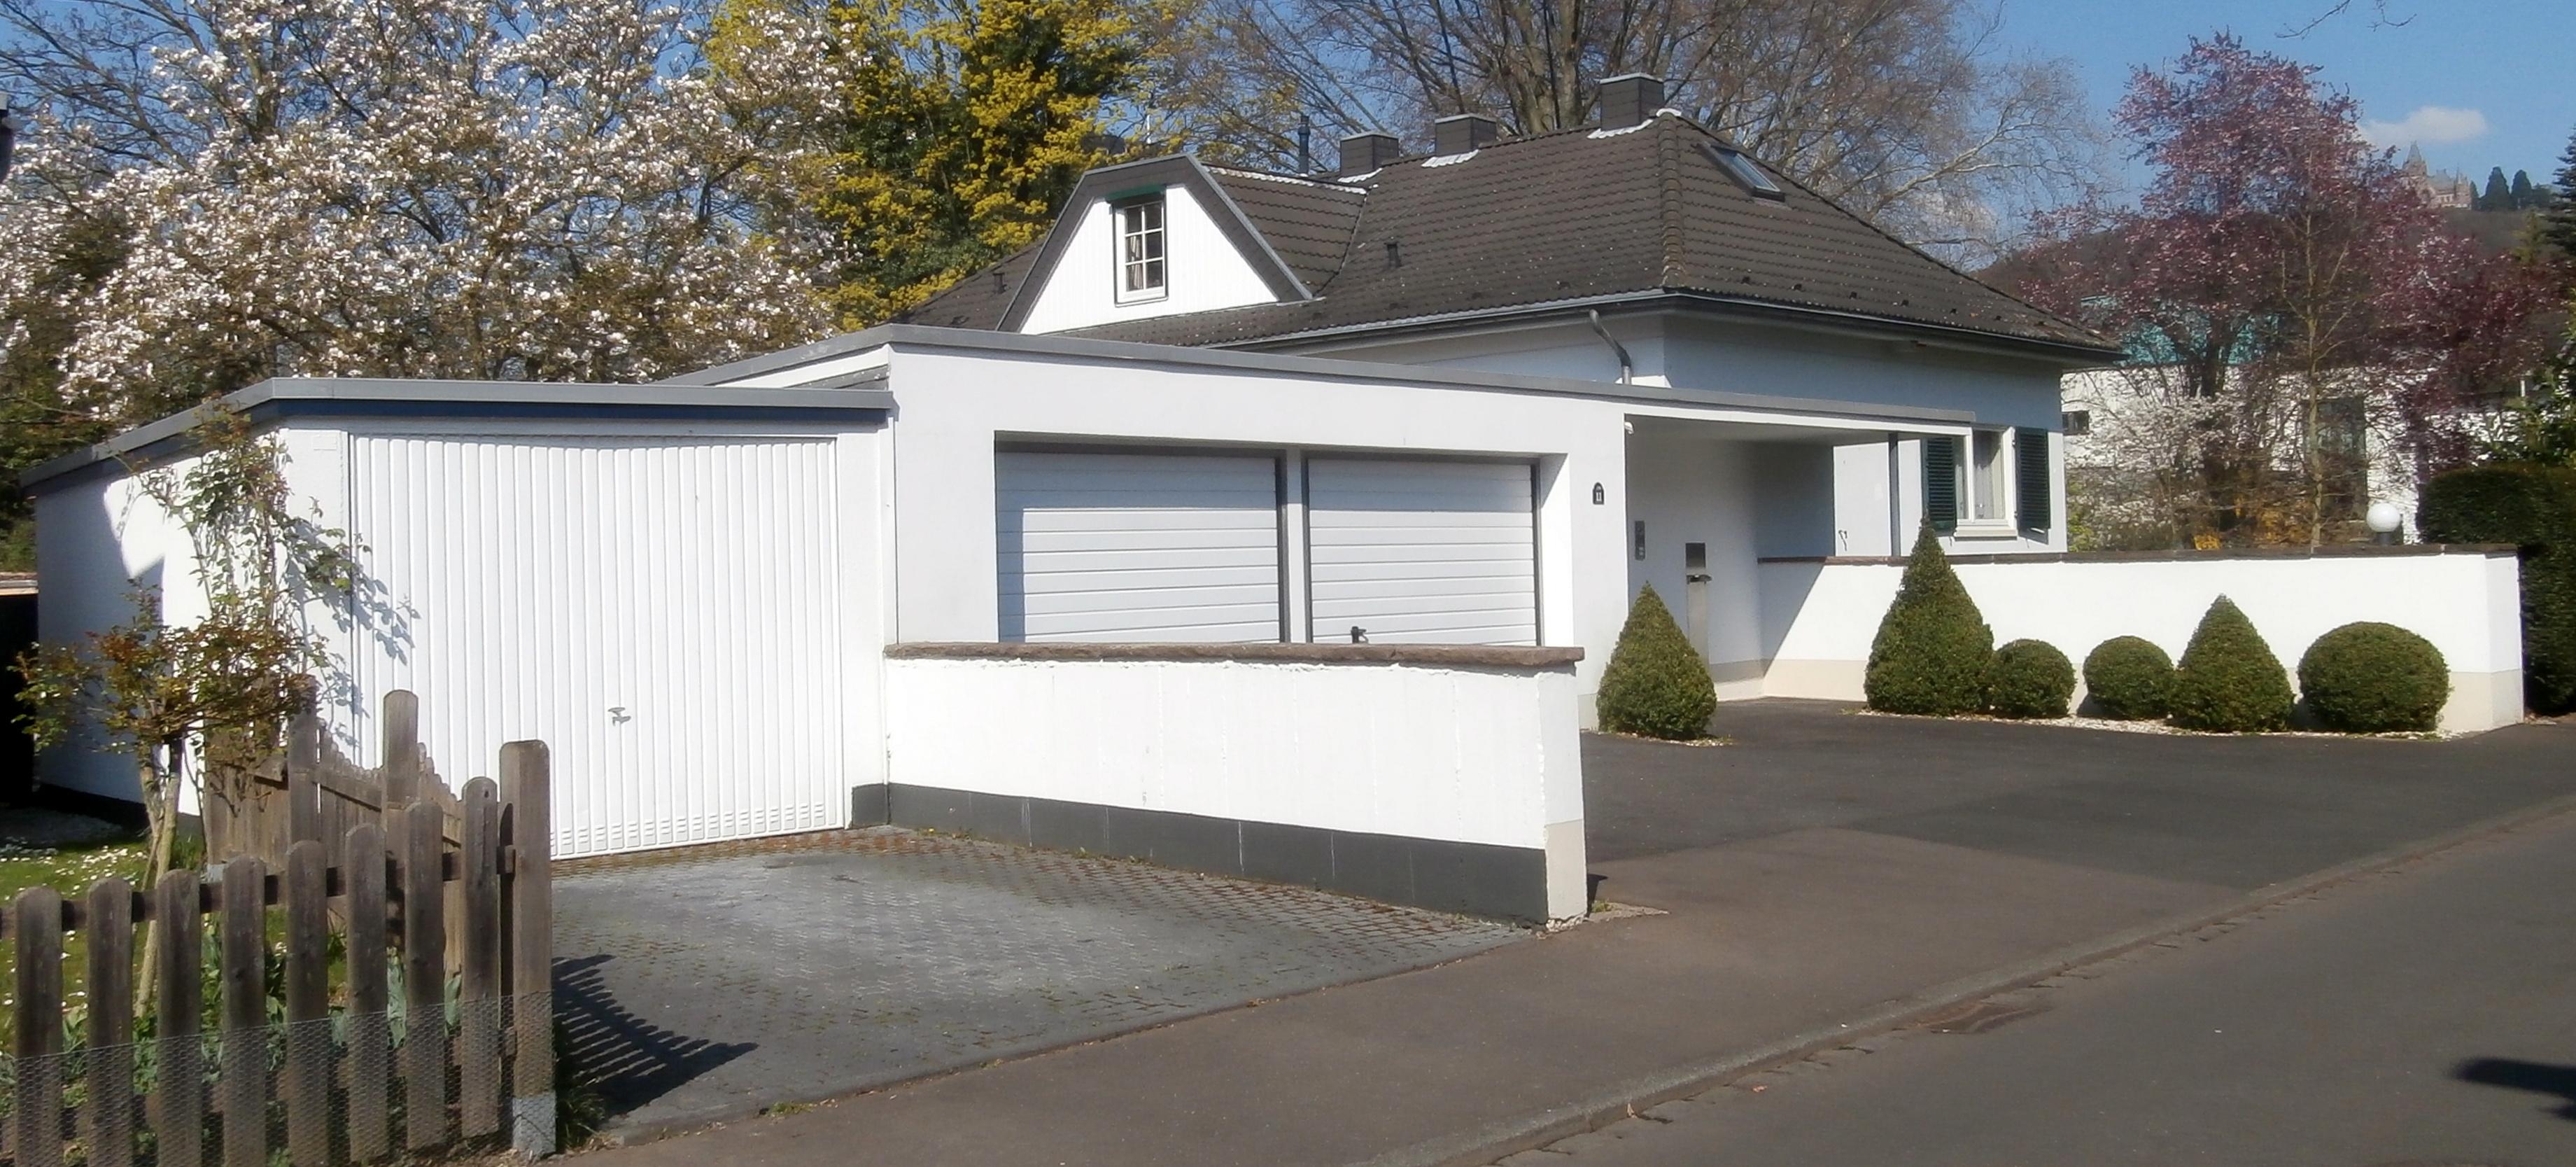 Unglaublich Garage Am Haus Galerie Von File:mehlem Glü 11.jpg